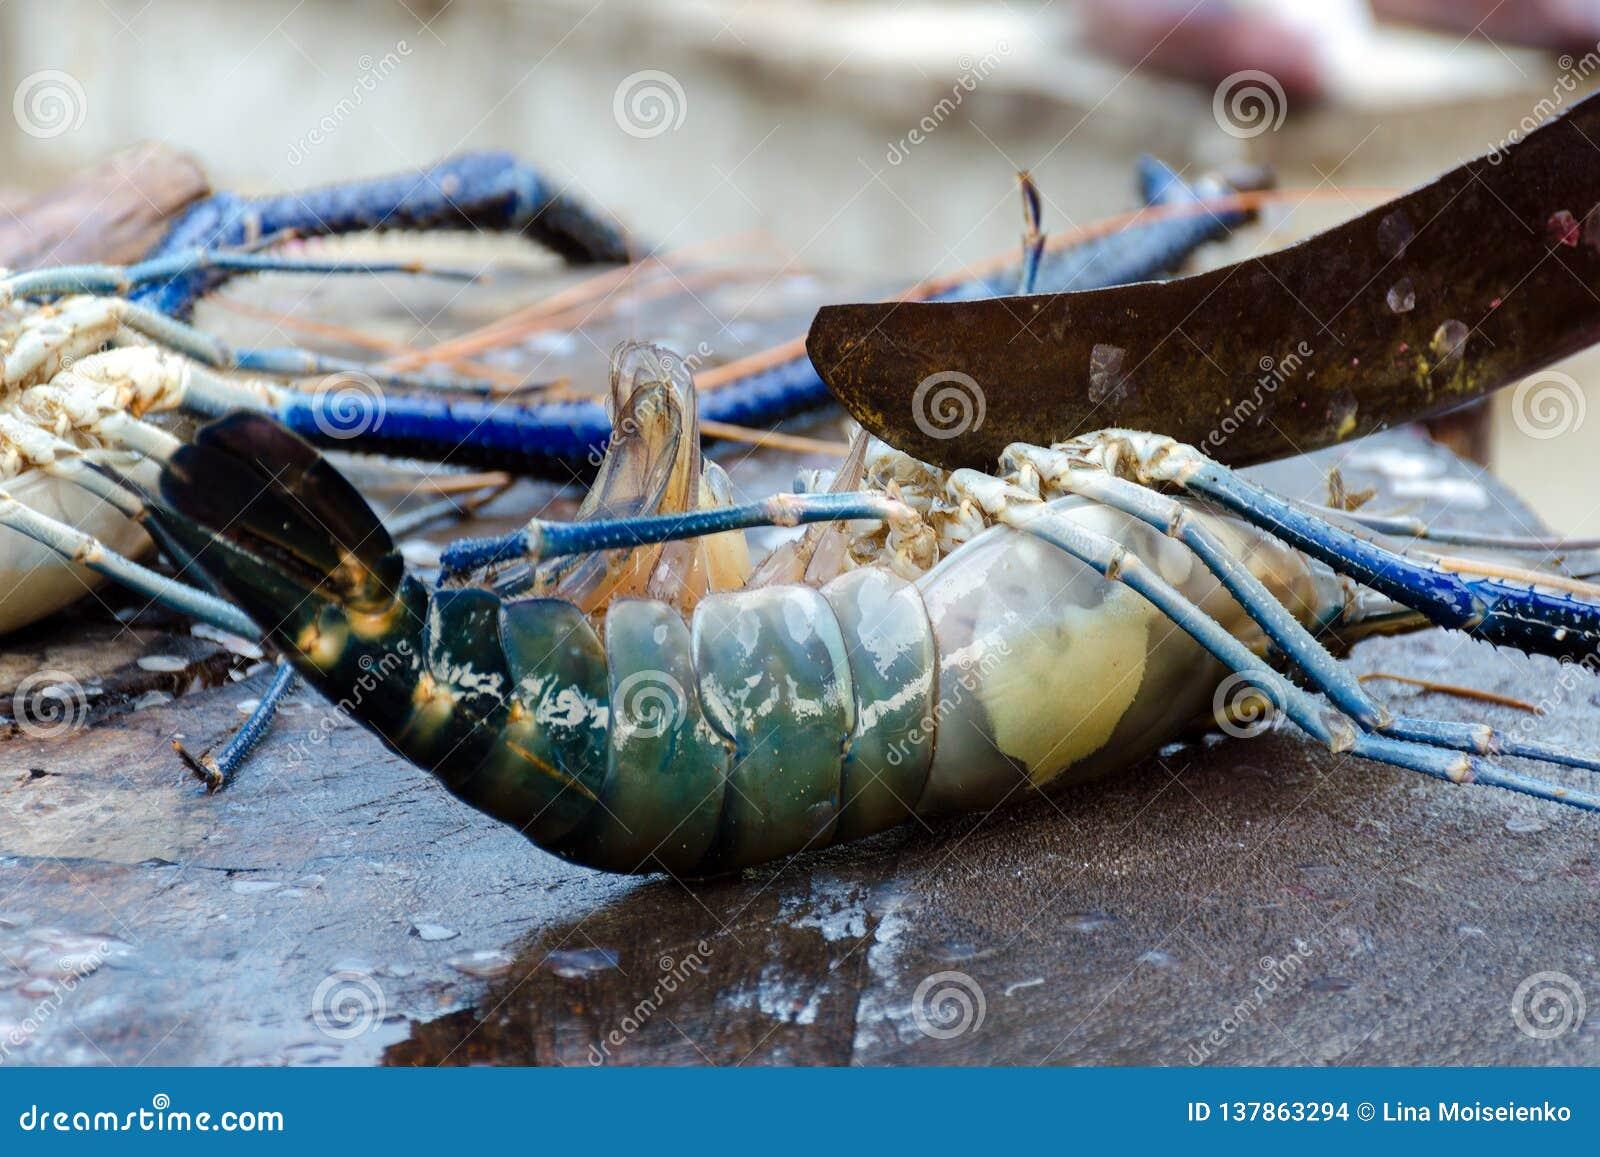 Zeevruchtenbesnoeiingen - het koken langoest Snijd zeekreeft in een markt van straatvissen in Sri Lanka